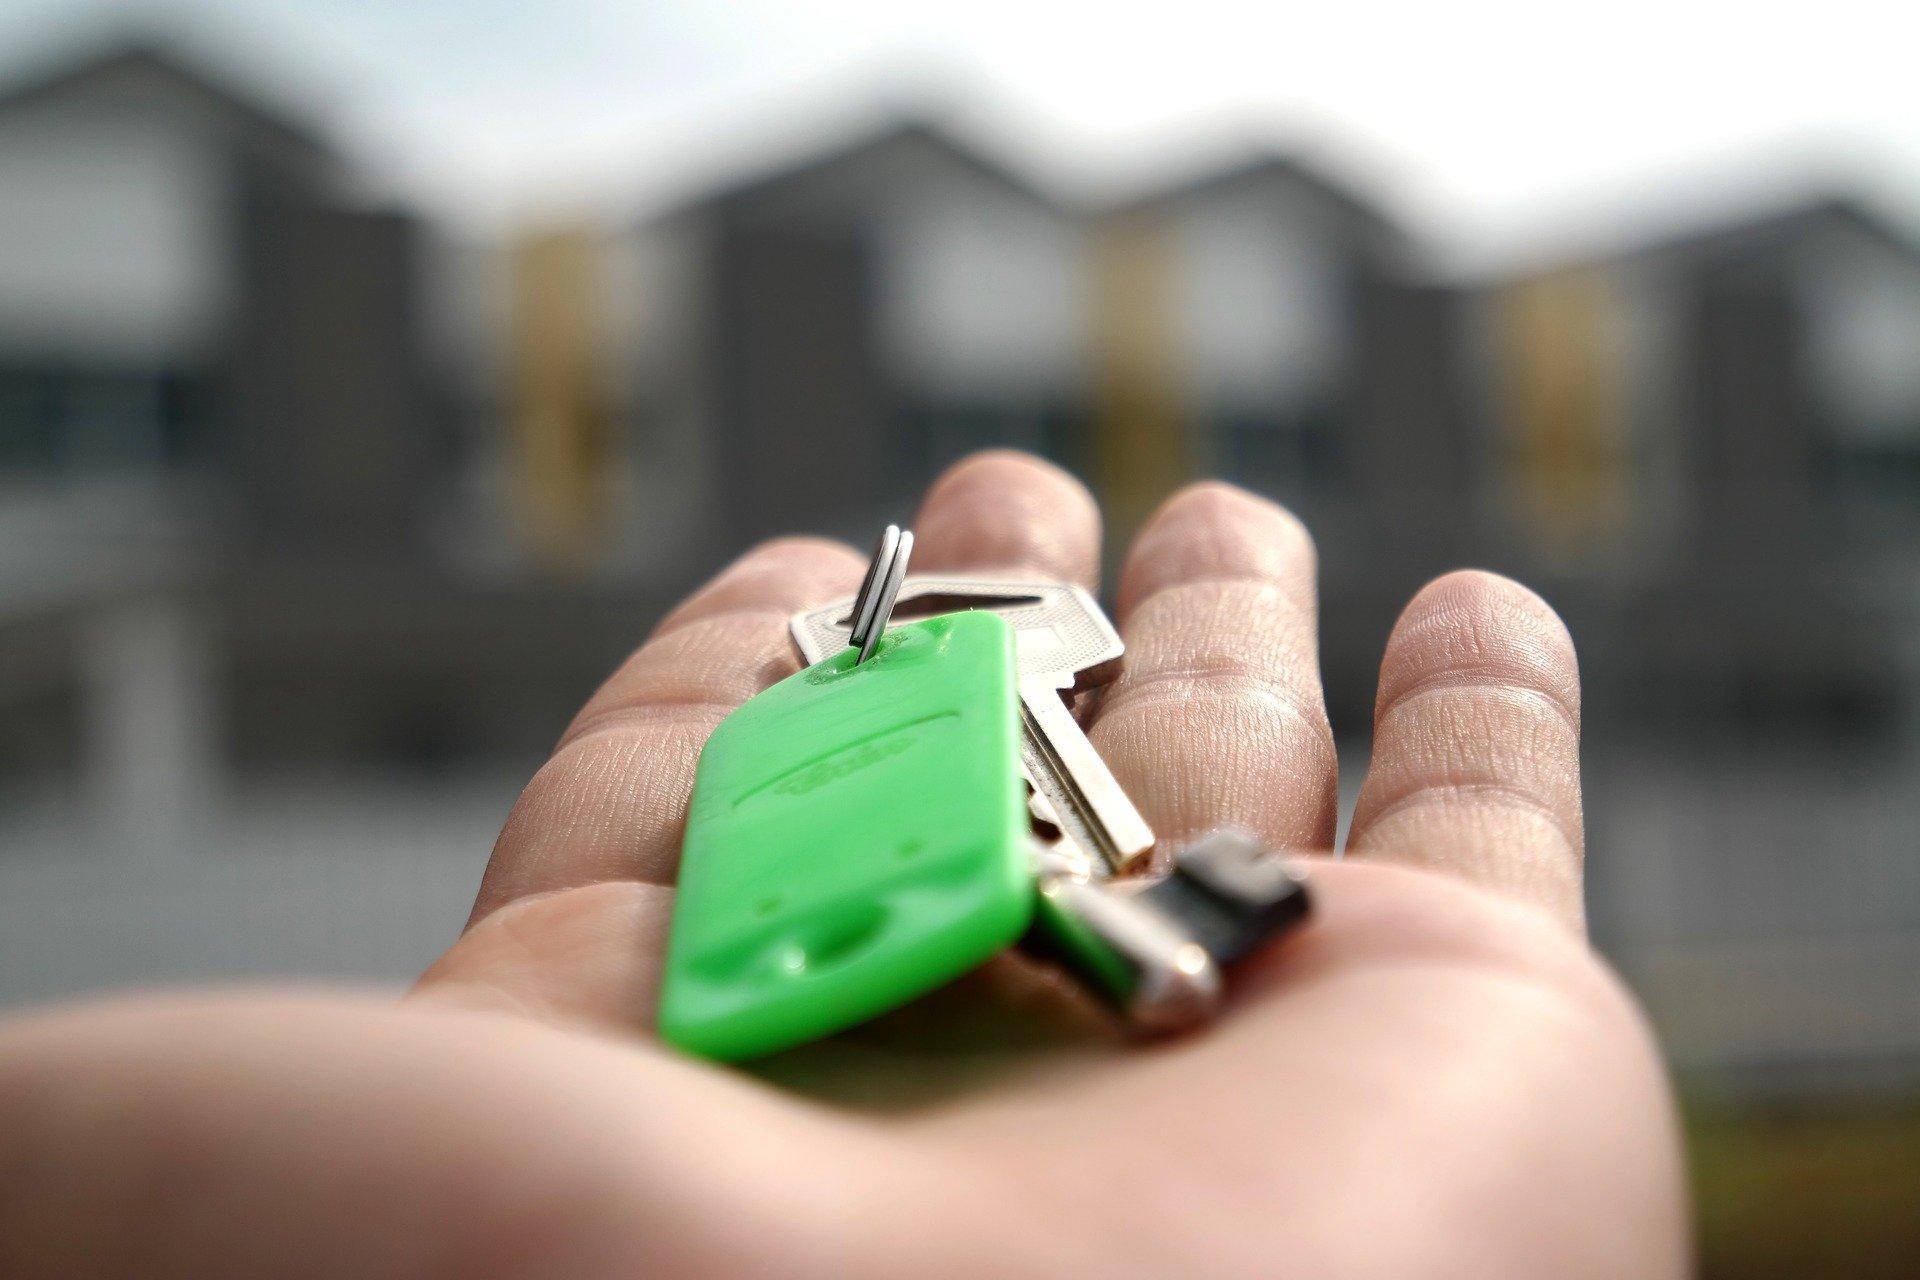 Bild Schlüssel in Hand, Quelle: Bild von mastersenaiper auf Pixabay